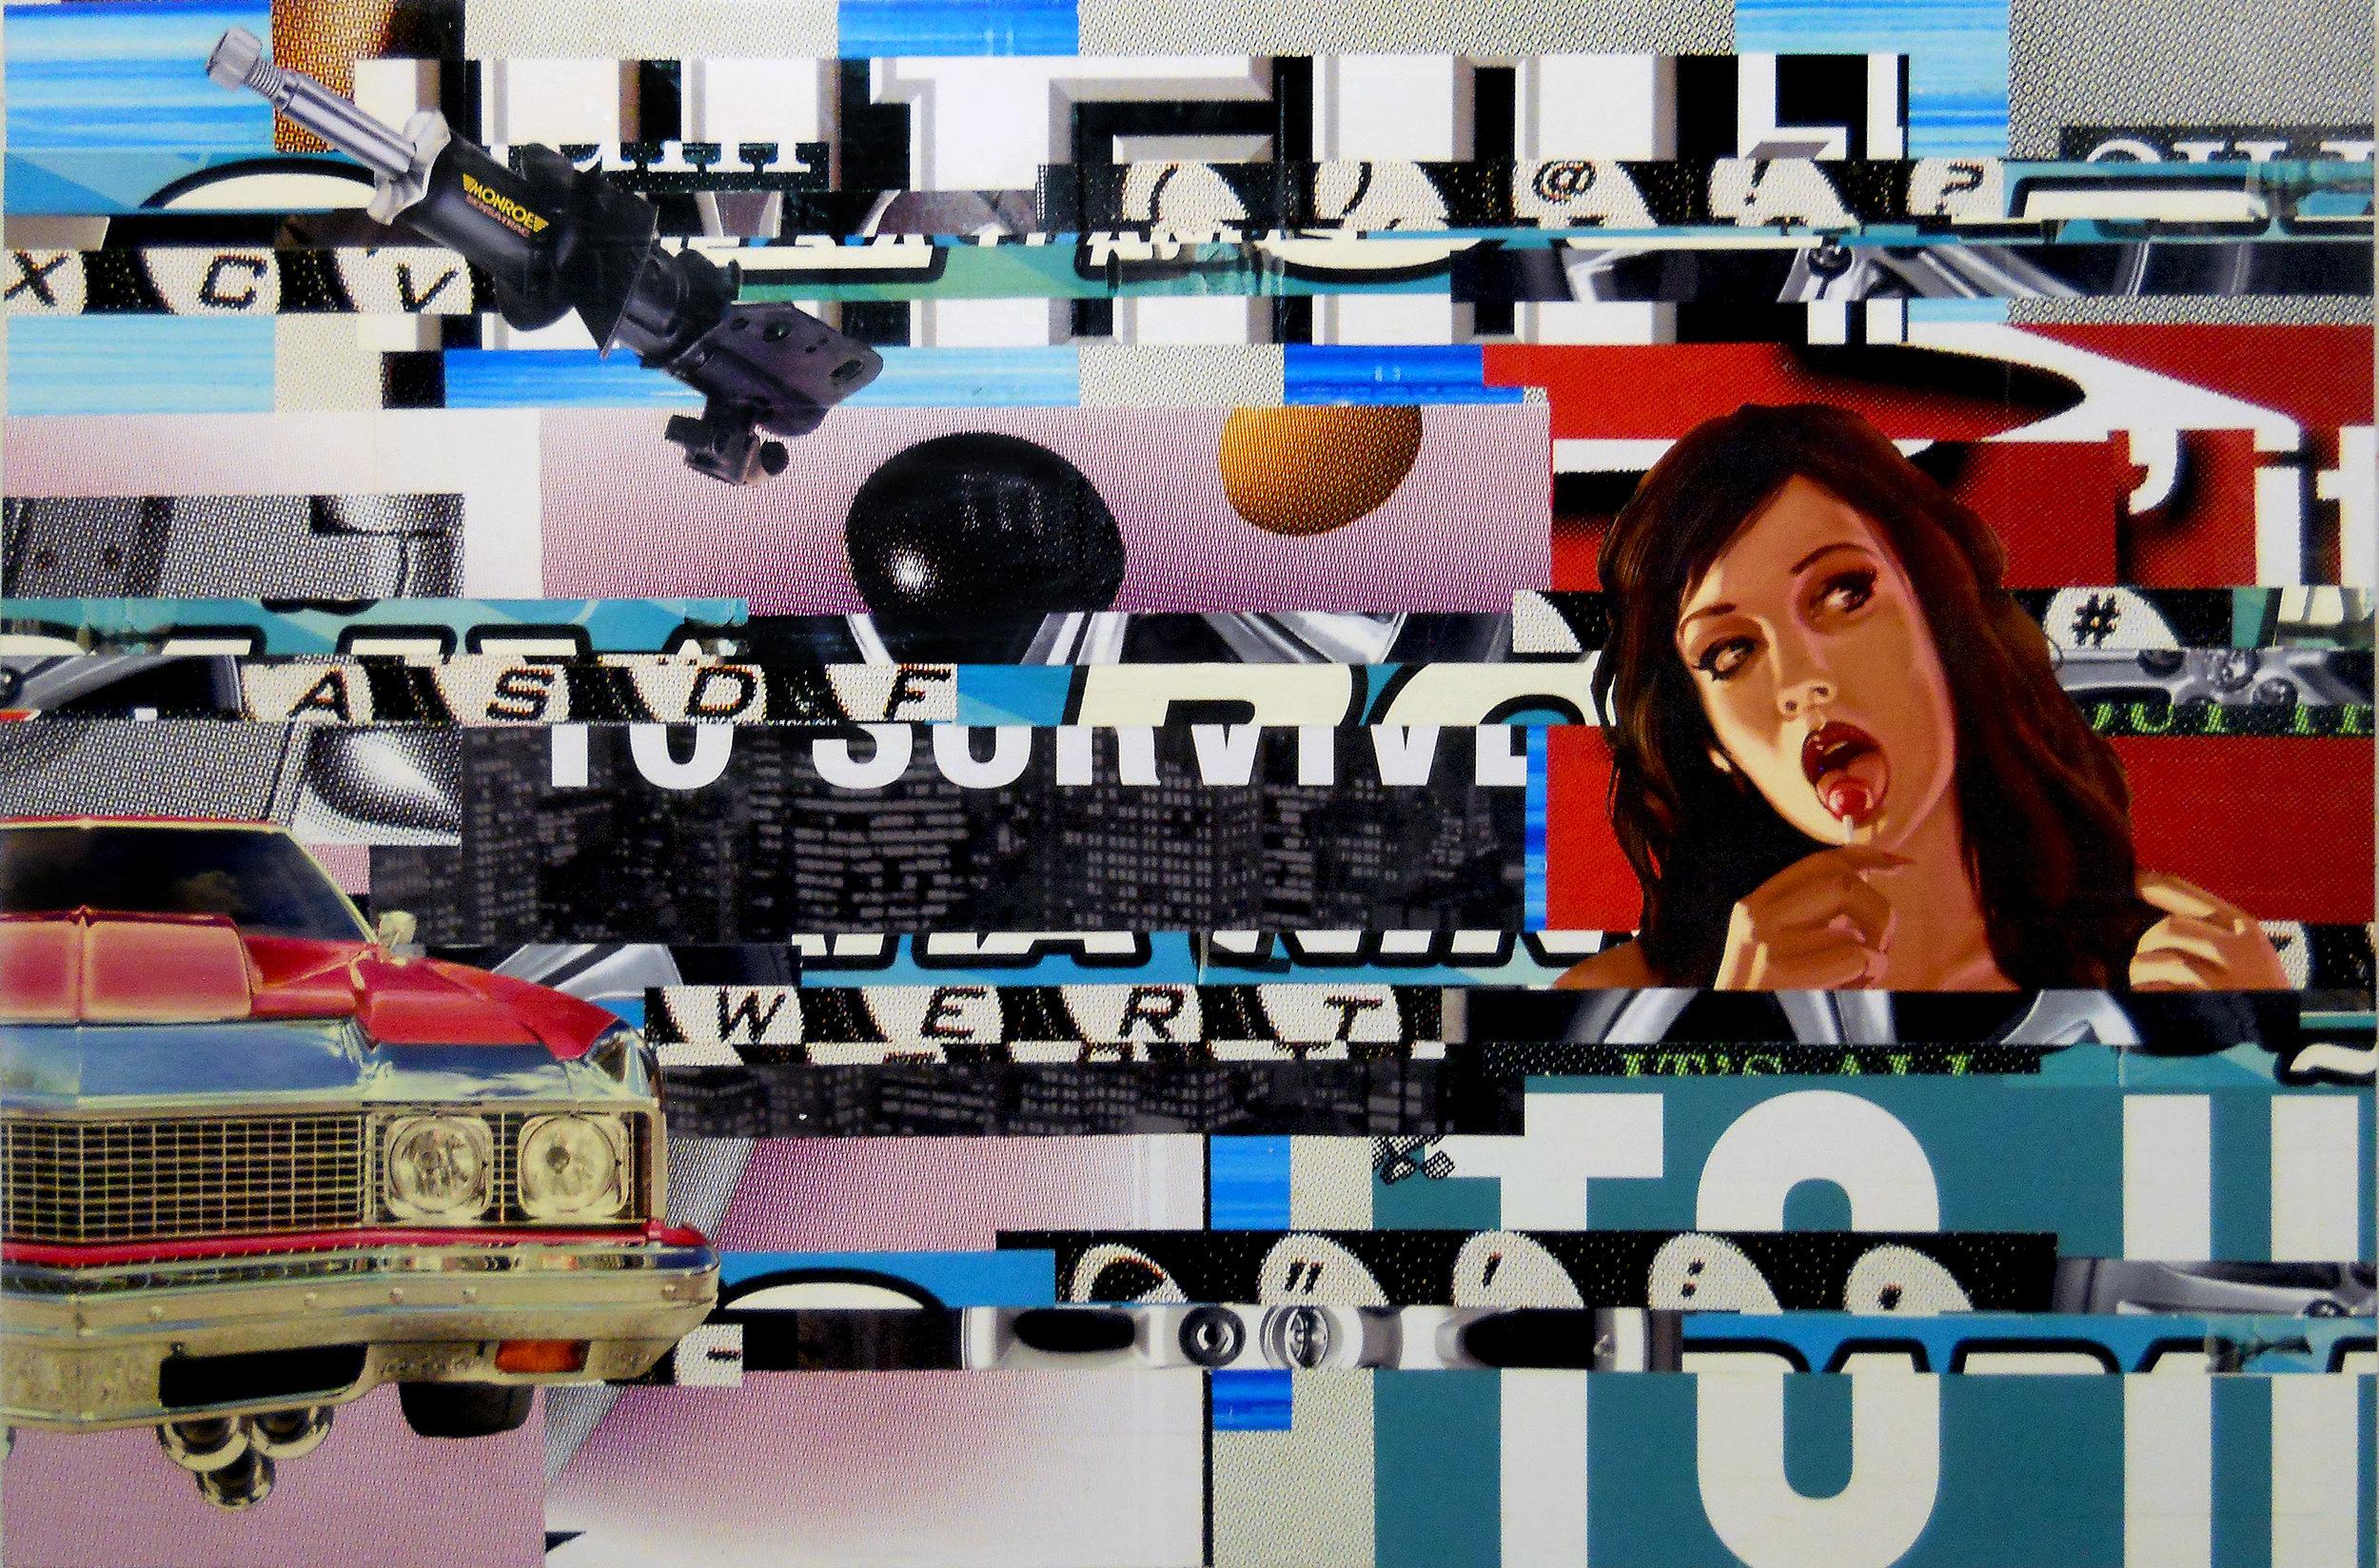 Sensatrac, 2014, 48h x 72w, Billboard paper on wood panel